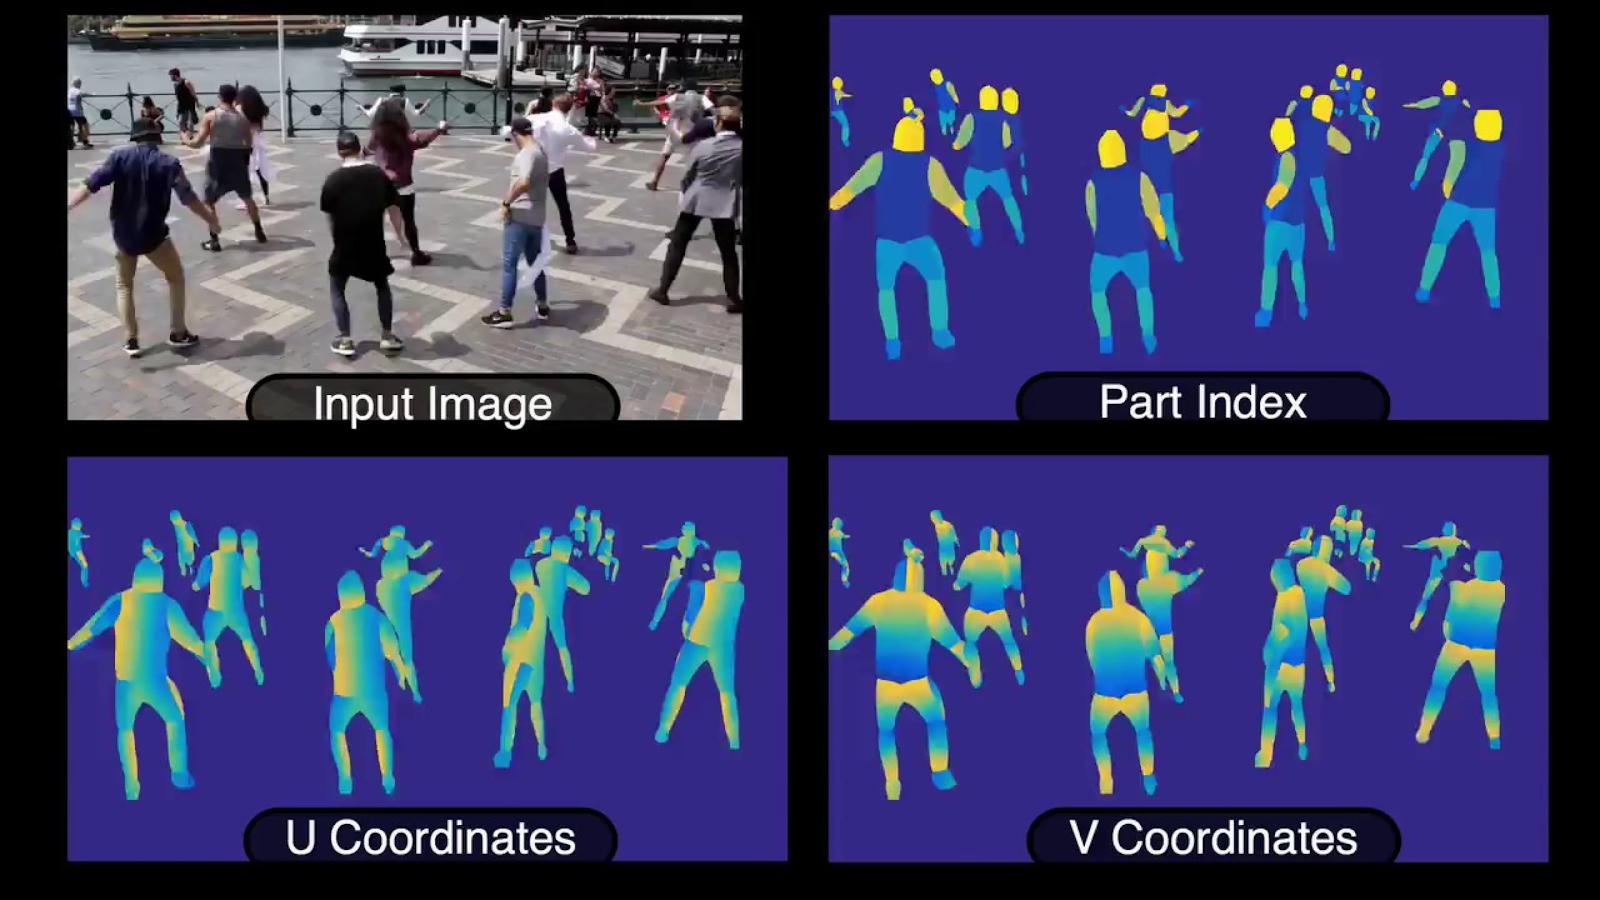 Шесть степеней свободы: 3D object detection и не только - 6